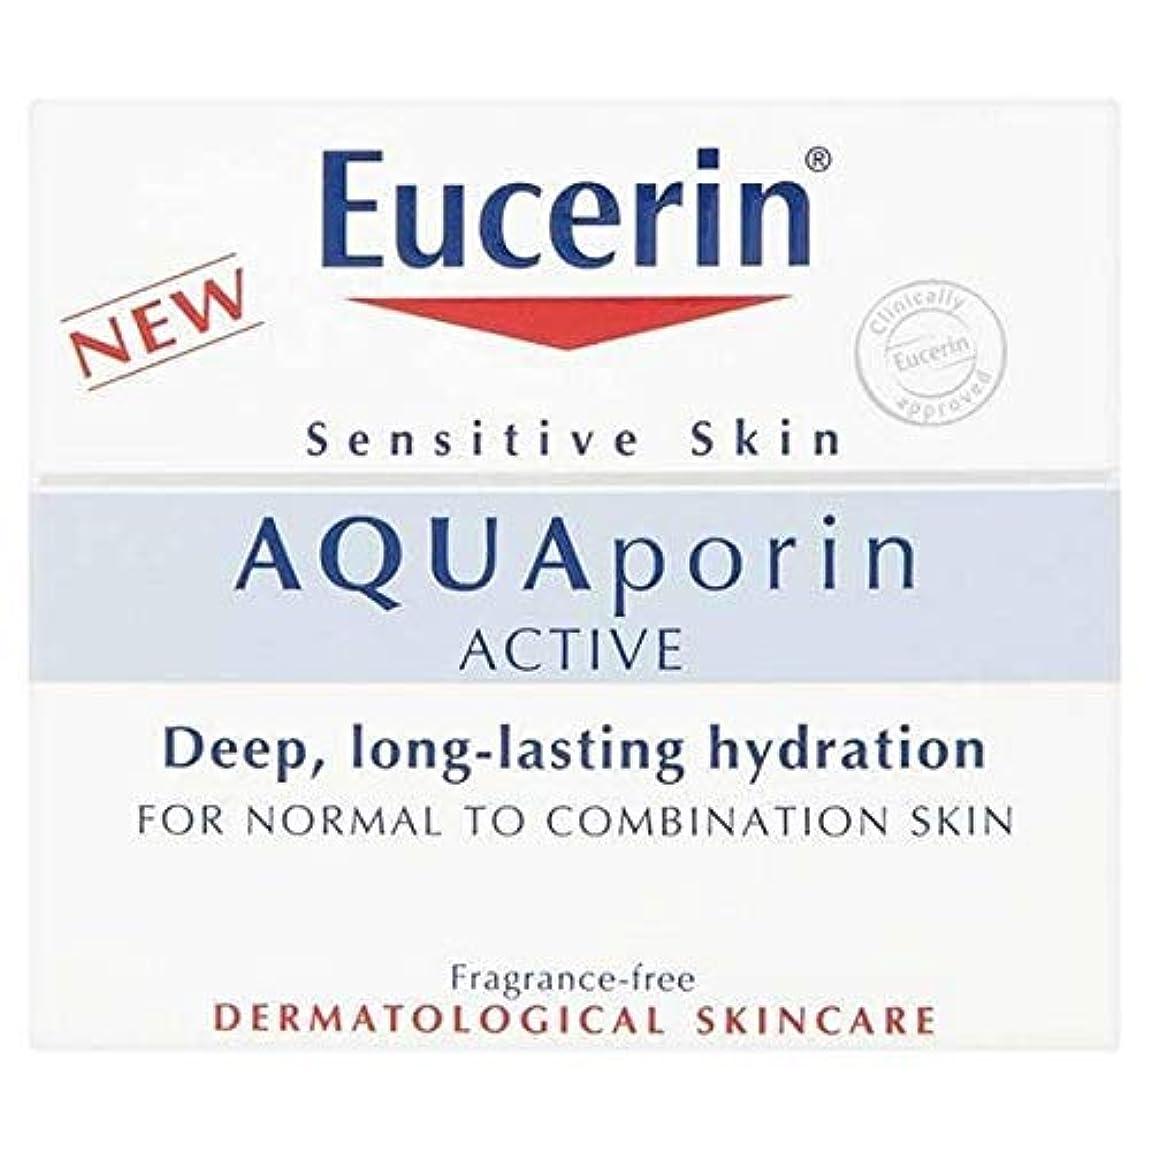 世代スタンドとんでもない[Eucerin ] ノーマル/櫛皮膚50ミリリットルのためのユーセリンアクアポリンアクティブ水和 - Eucerin Aquaporin Active Hydration for Normal/Comb Skin 50ml...